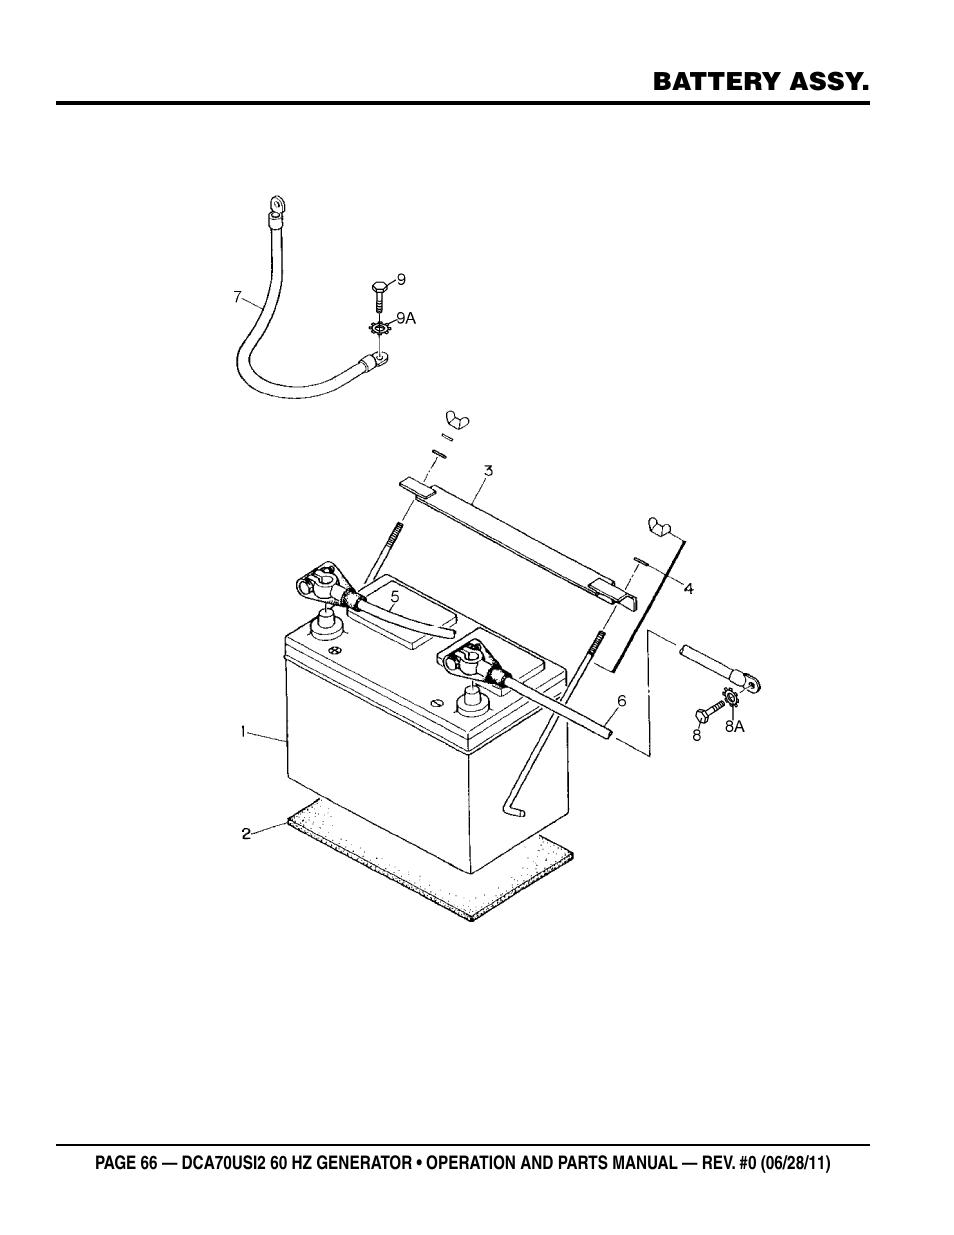 Multiquip Power Whisperwatt Series 60HZ Generator